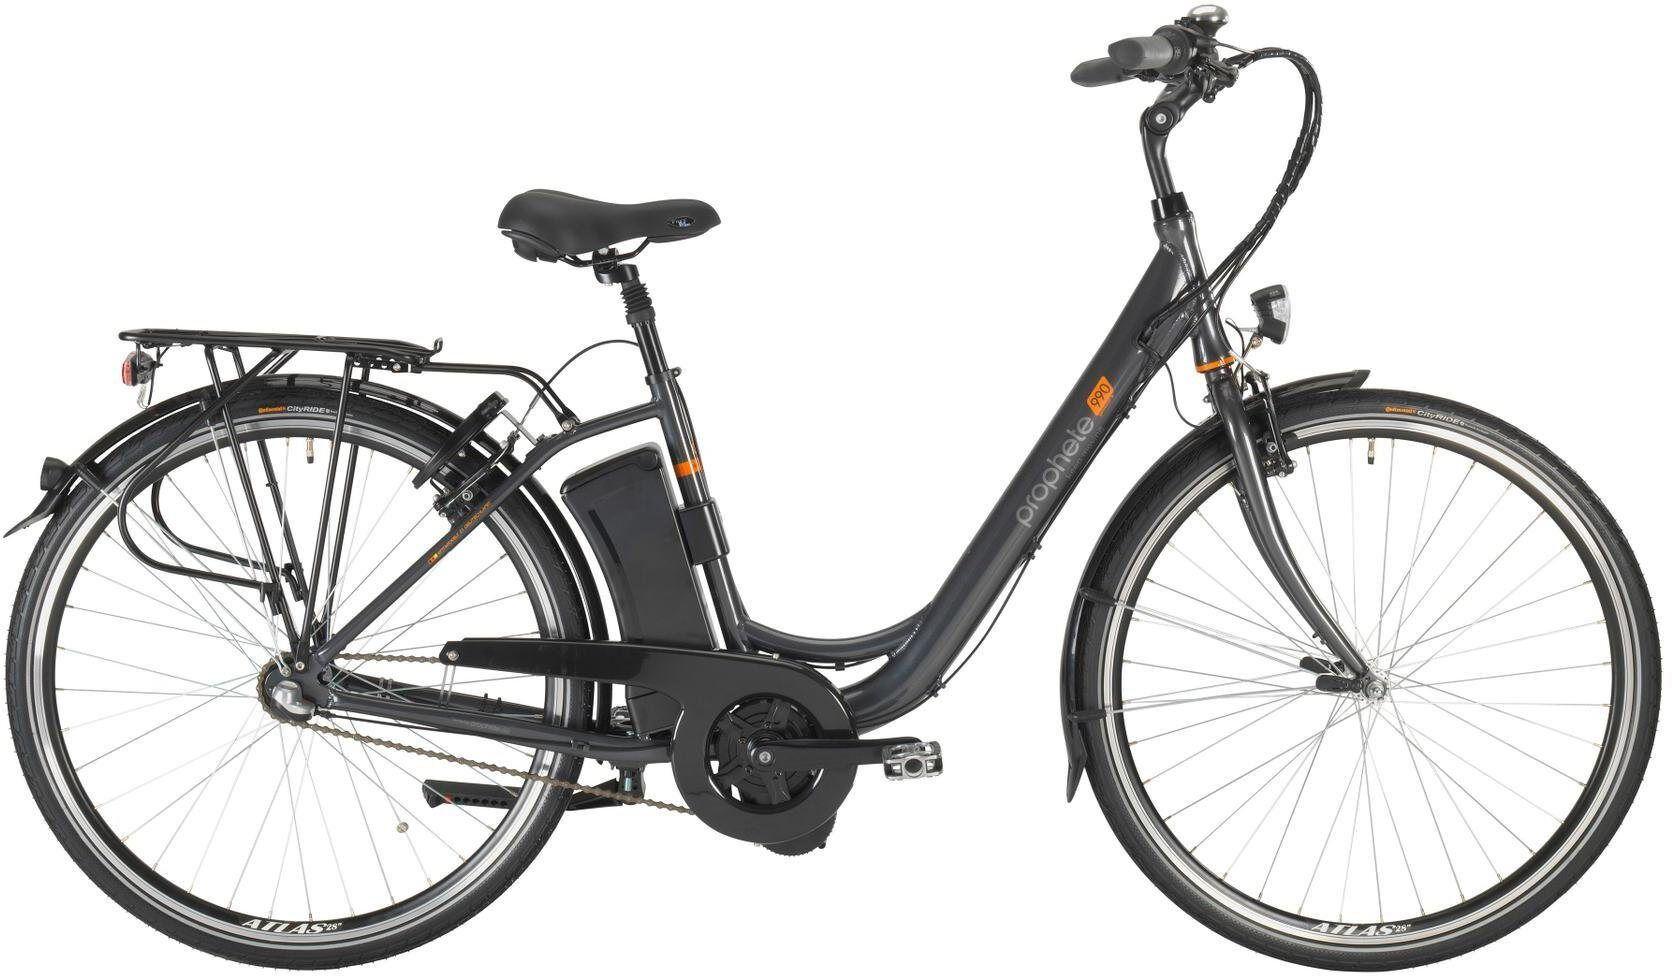 Prophete E-Bike »Geniesser e990«, 3 Gang, Nabenschaltung, Mittelmotor 250 W